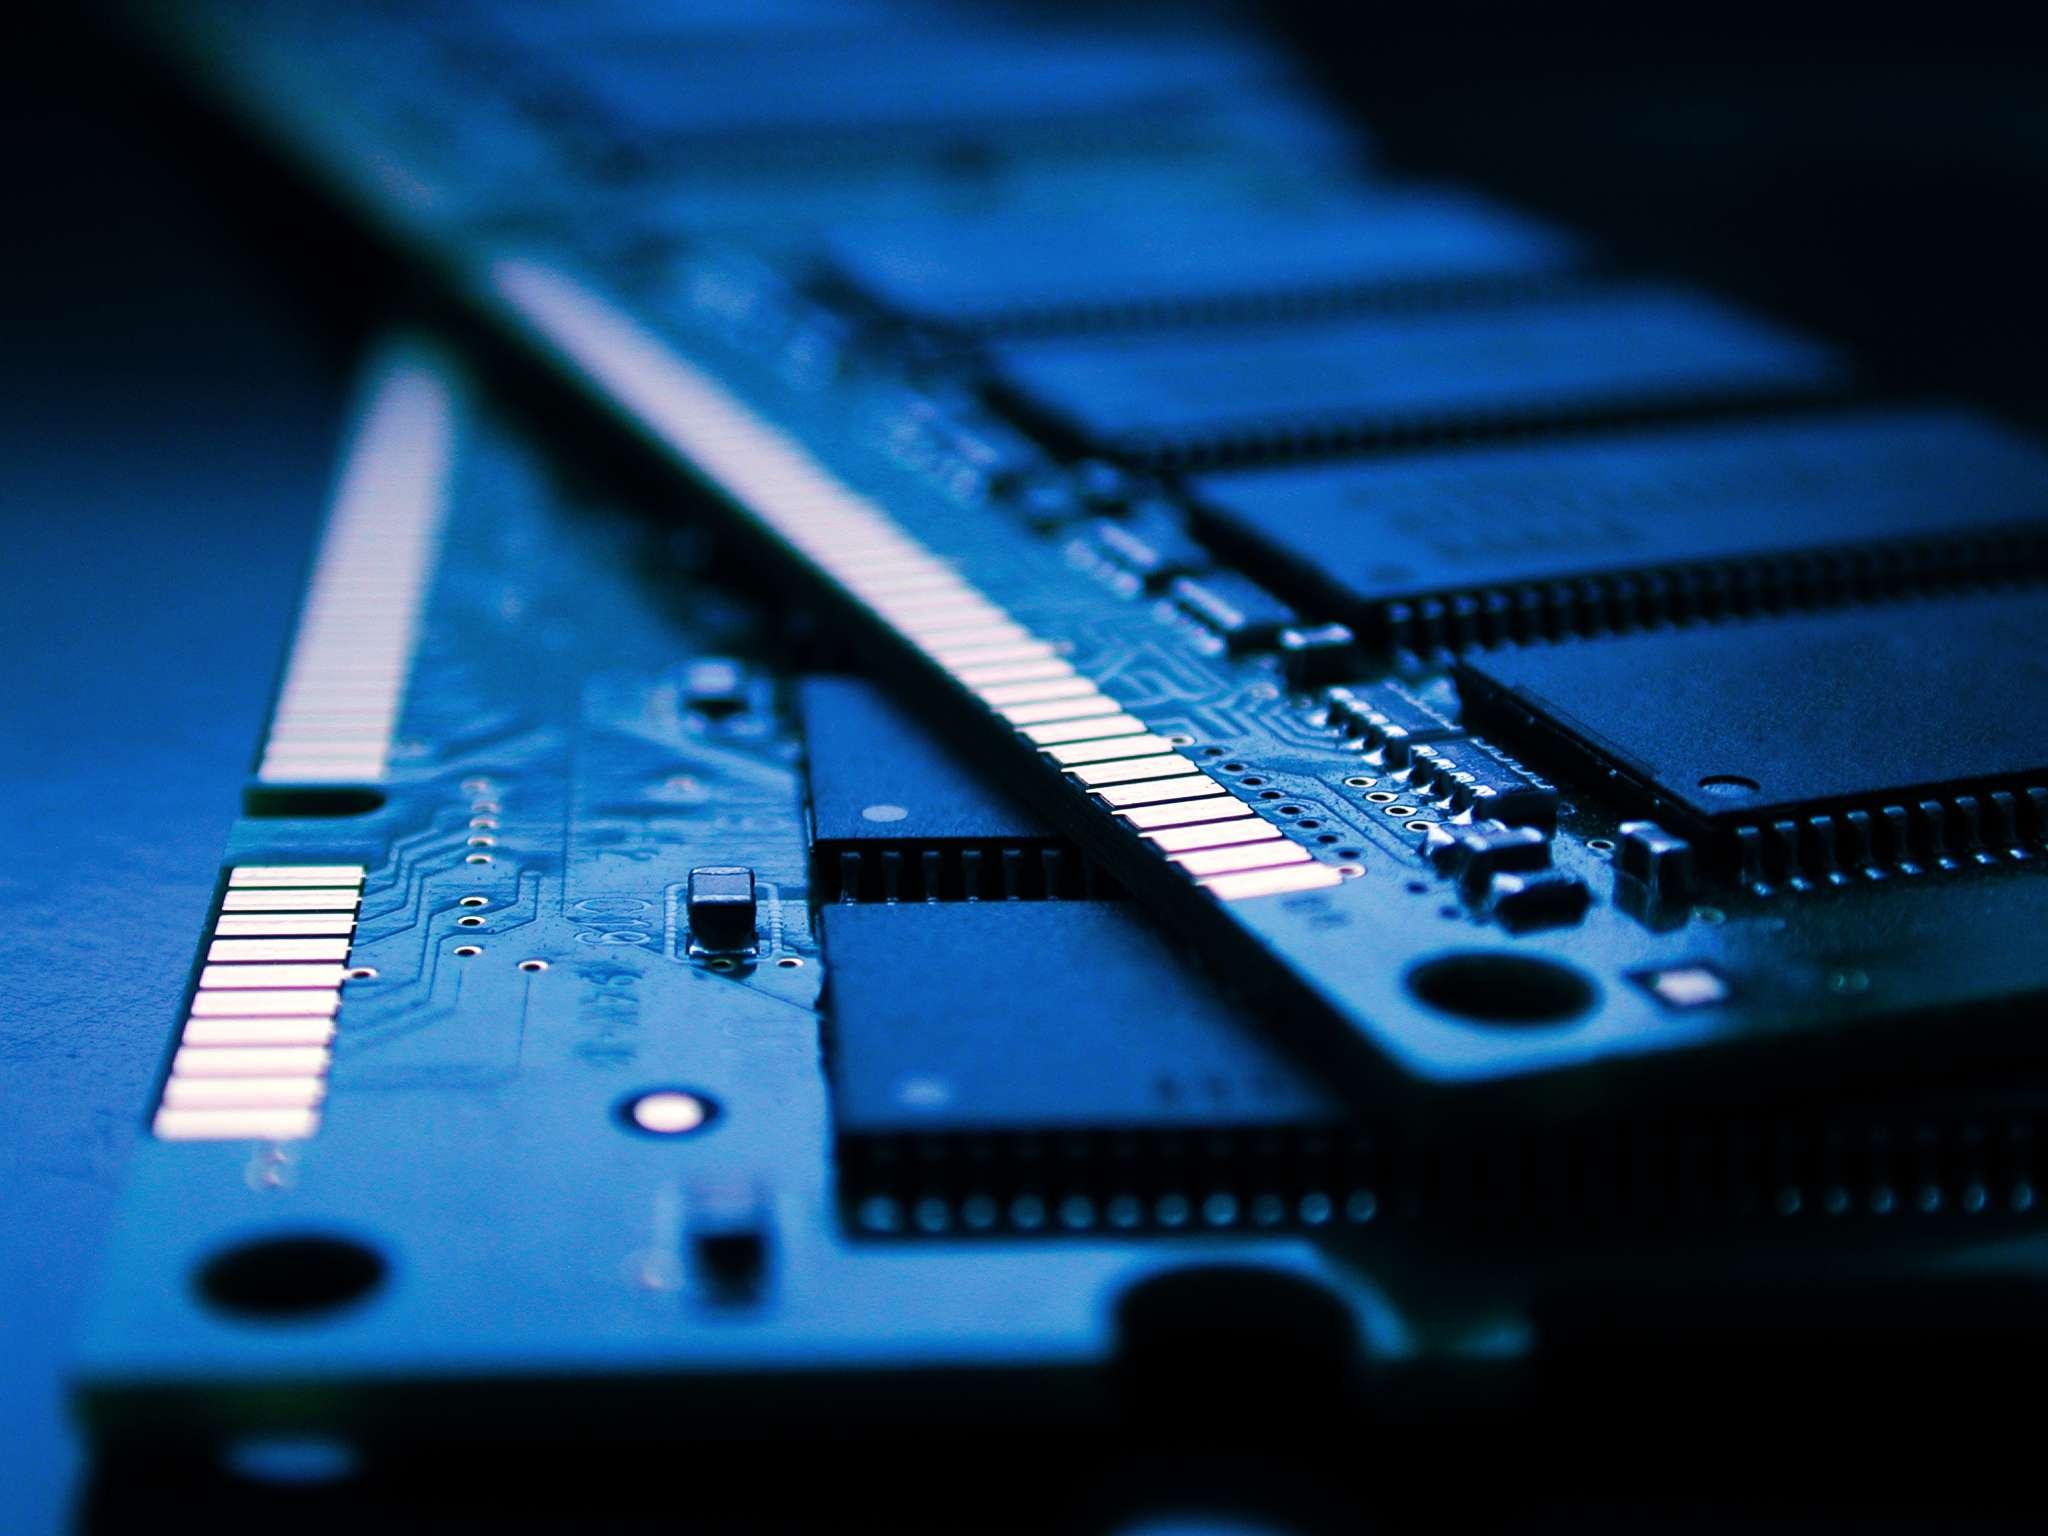 A closeup of two sticks of computer RAM under a soft blue light